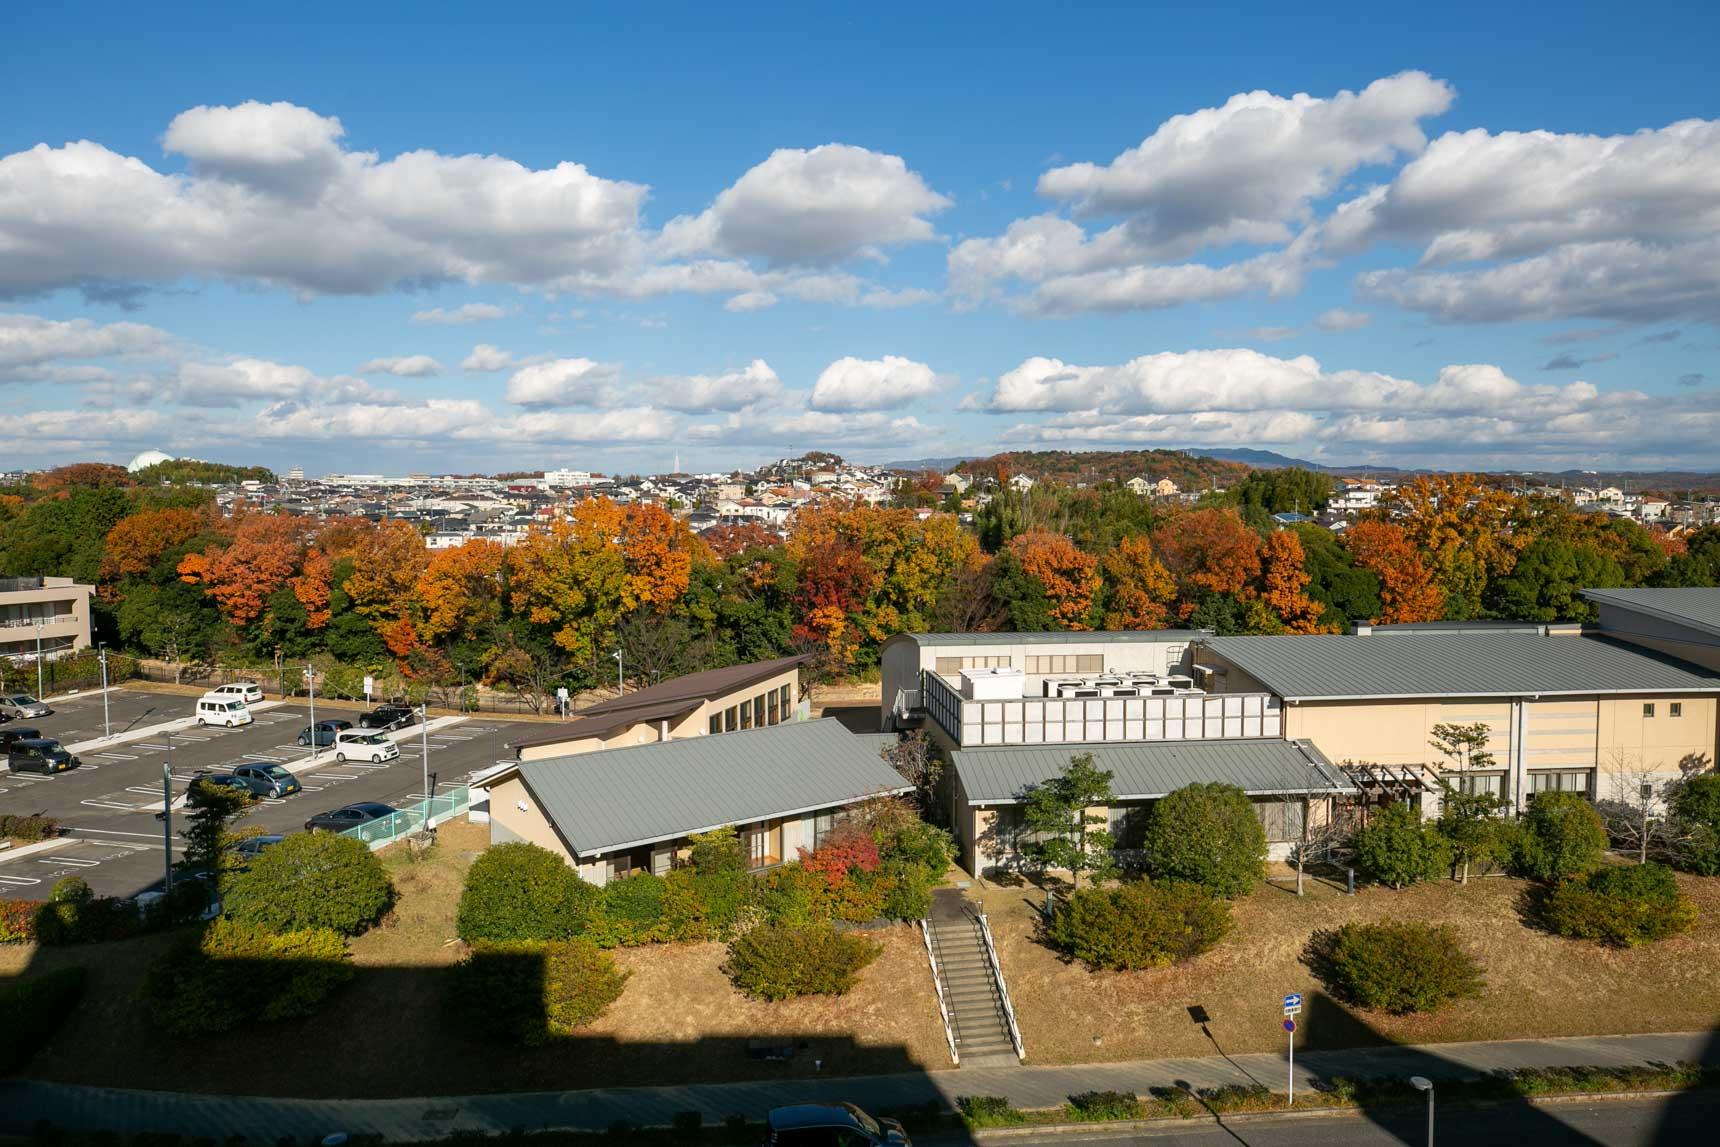 取材に訪れたのはちょうど紅葉の時期。お部屋の前の共用廊下から、見事に紅葉した緑地と、立派な建物が見えました。